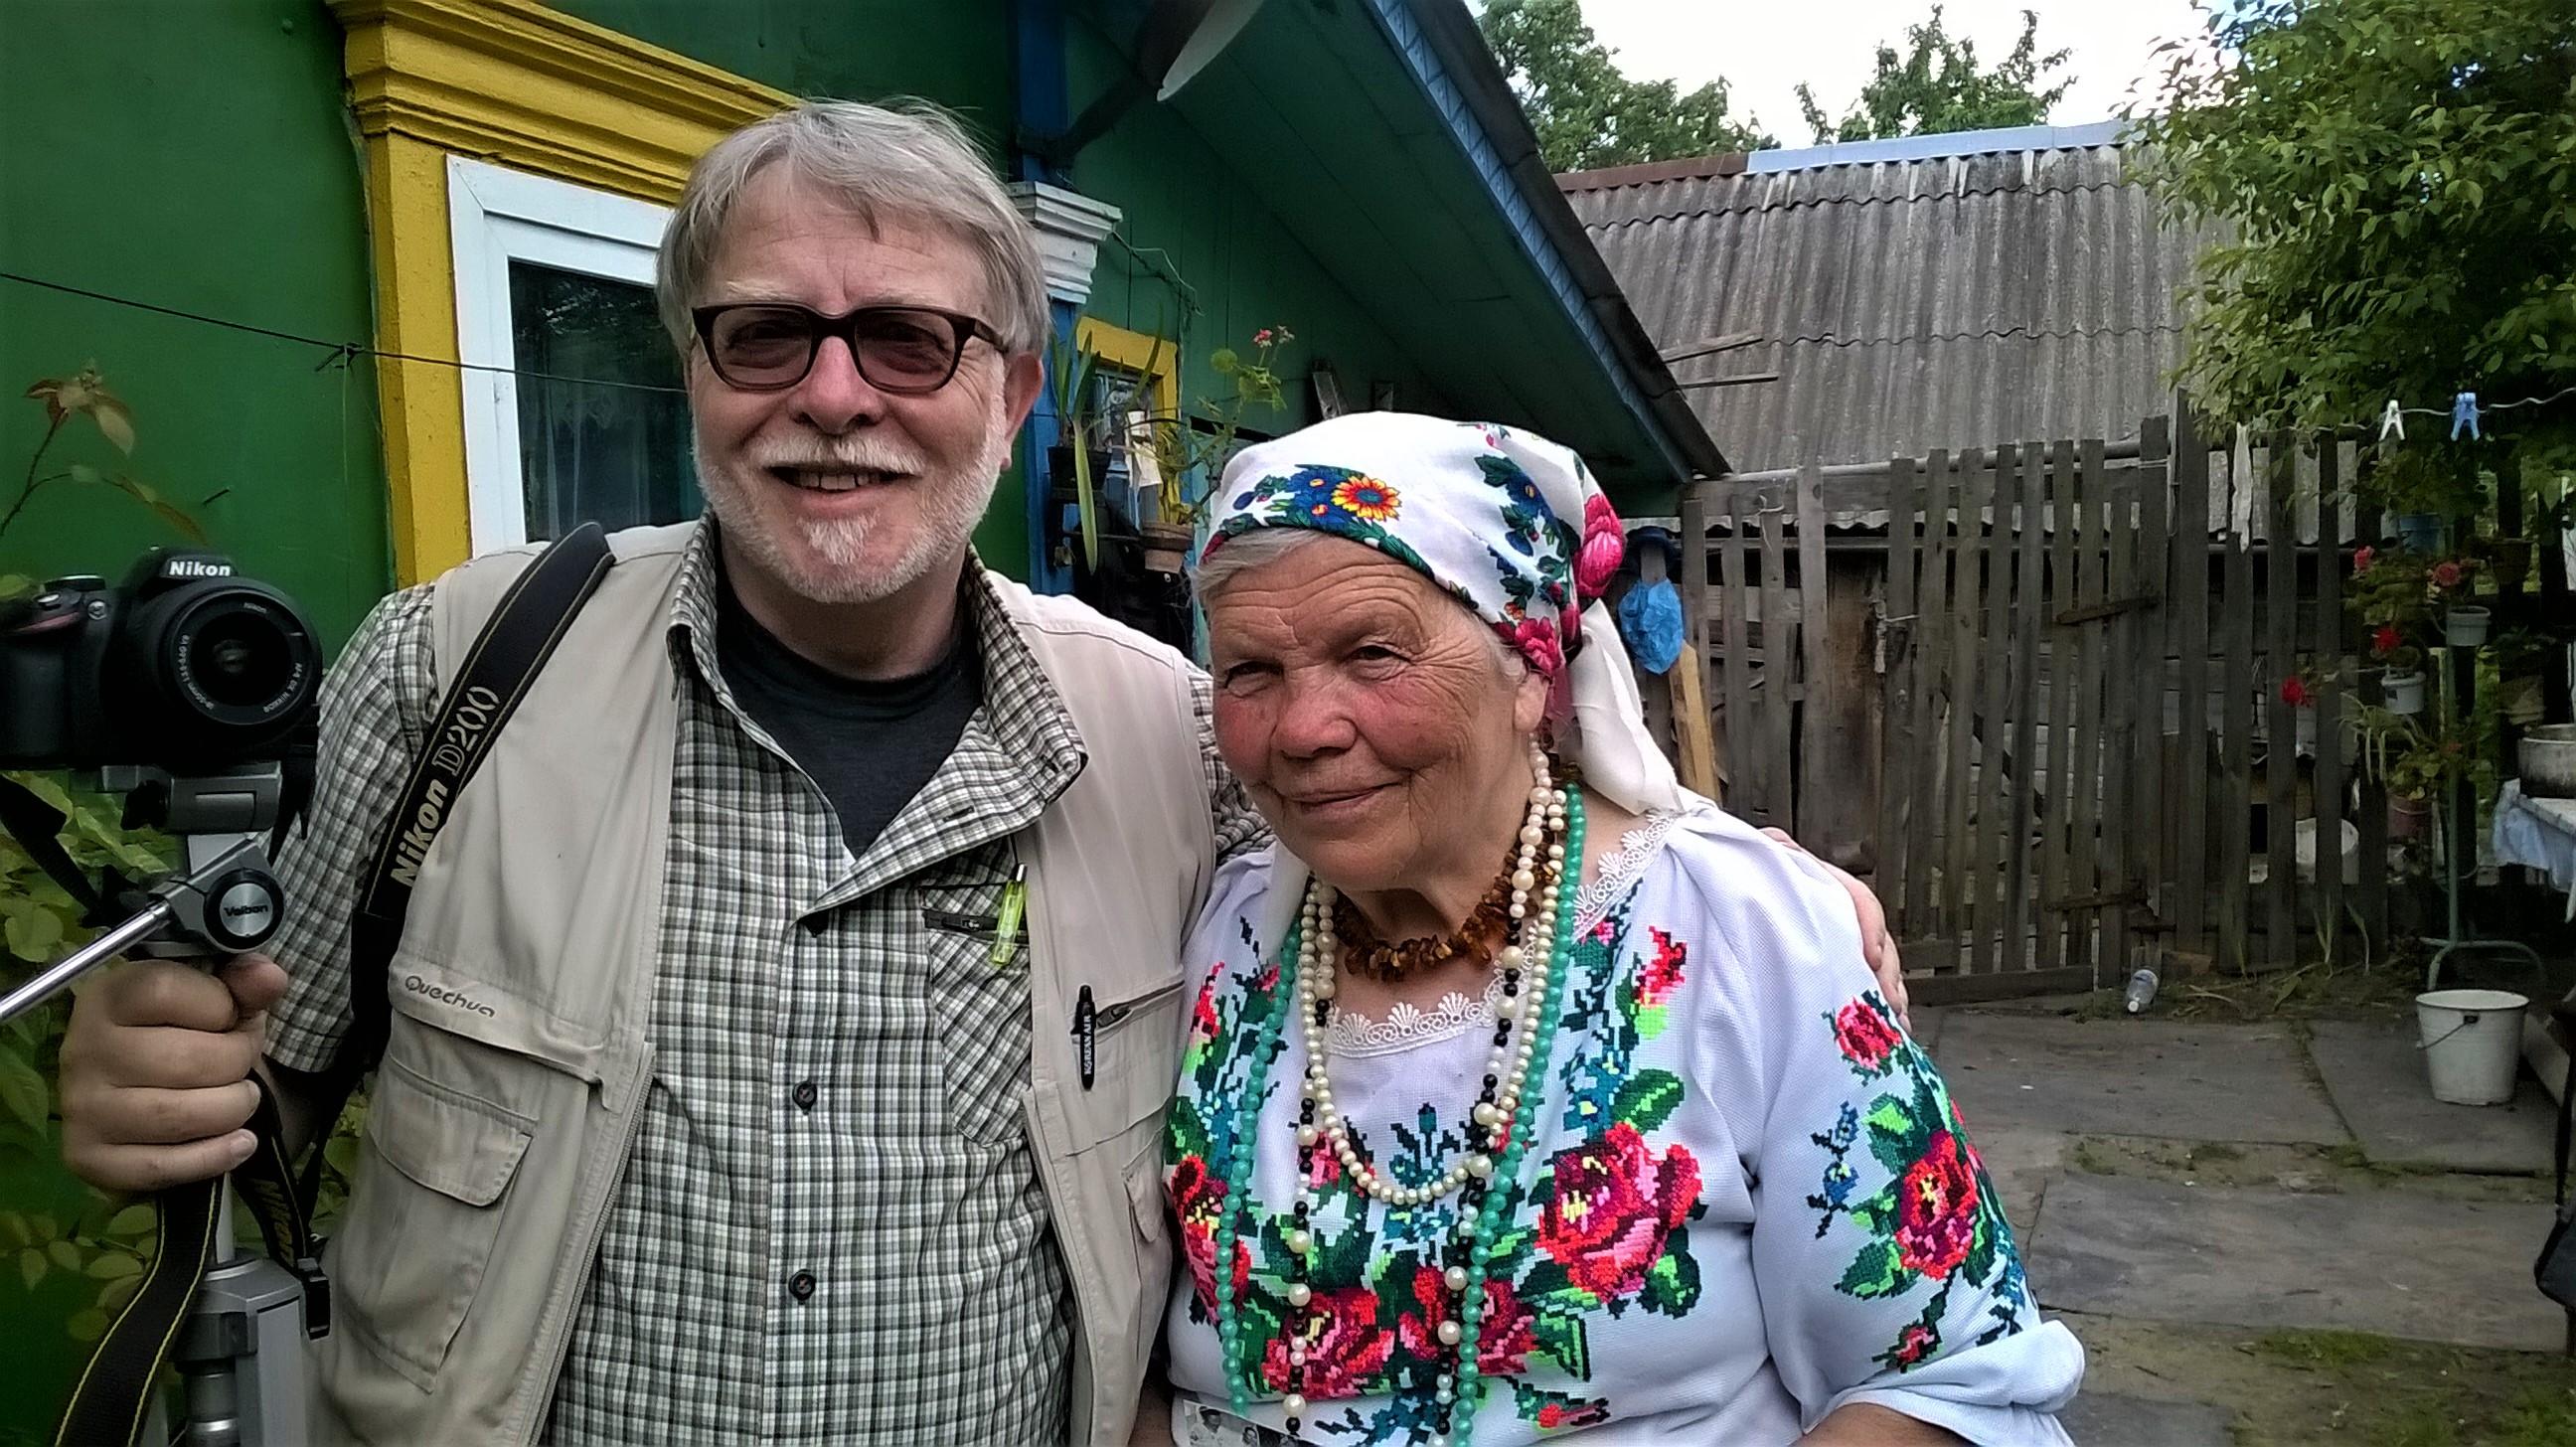 Livio Senigalliesi con la signora Katarina Panchenja, nel villaggio di Pagost in Bielorussia